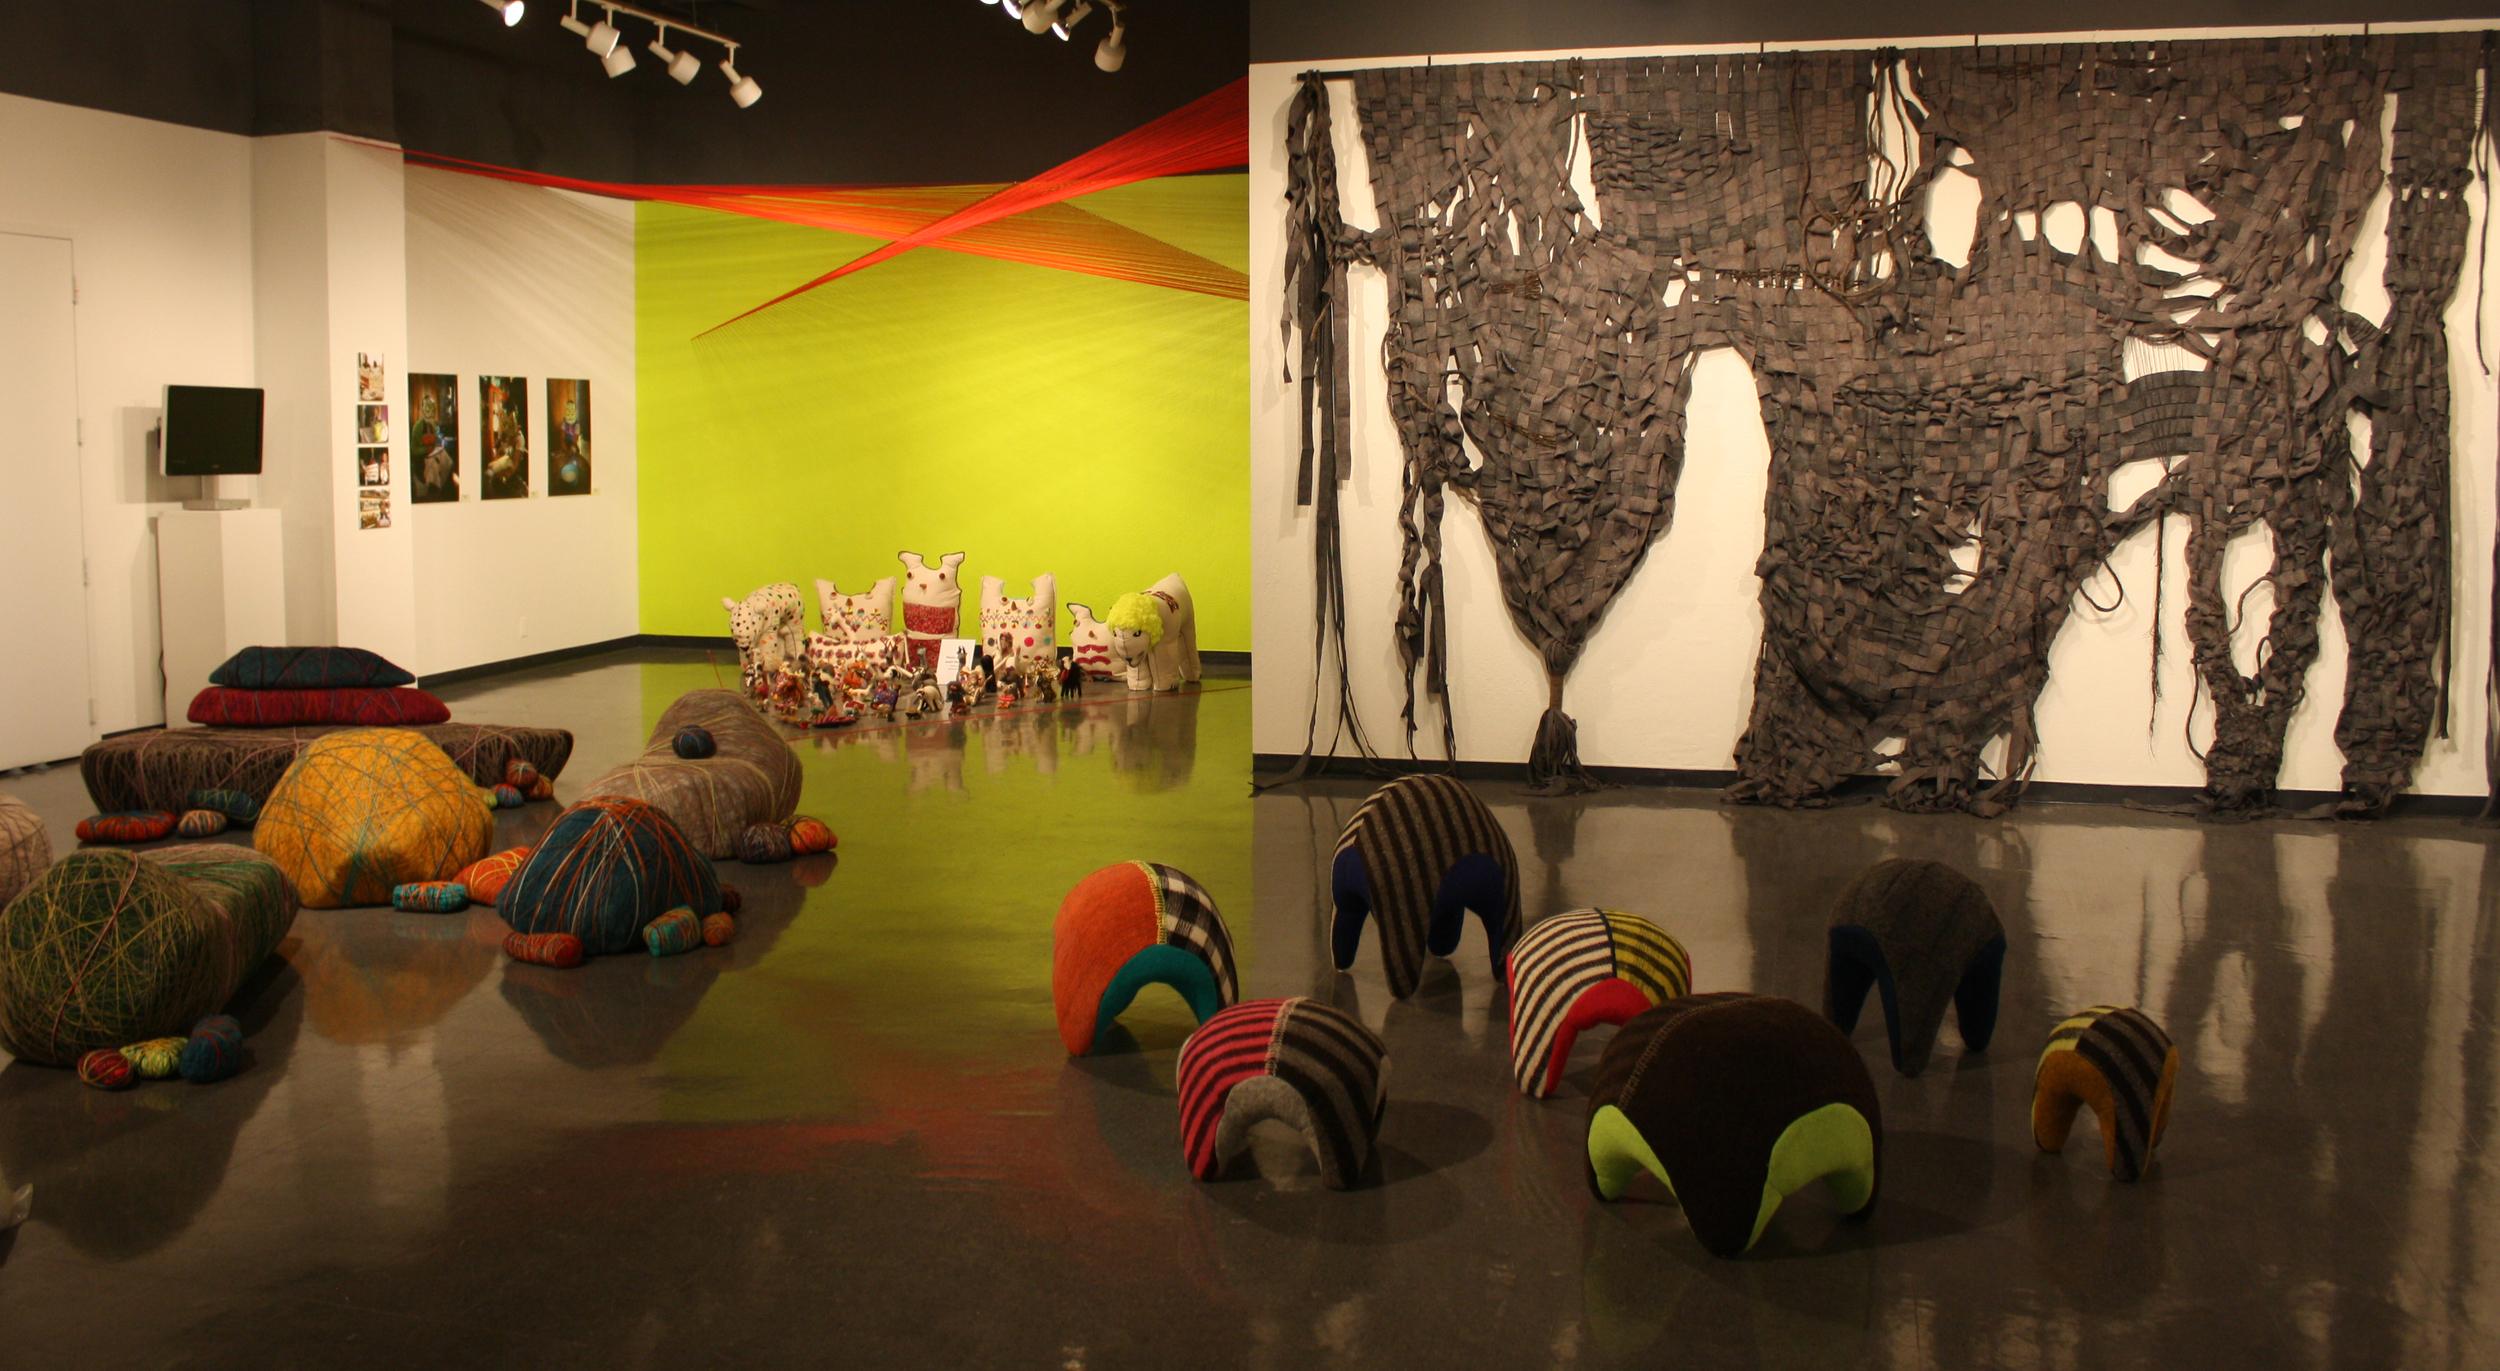 Lineas: New Modes of Contemporary Urbanism